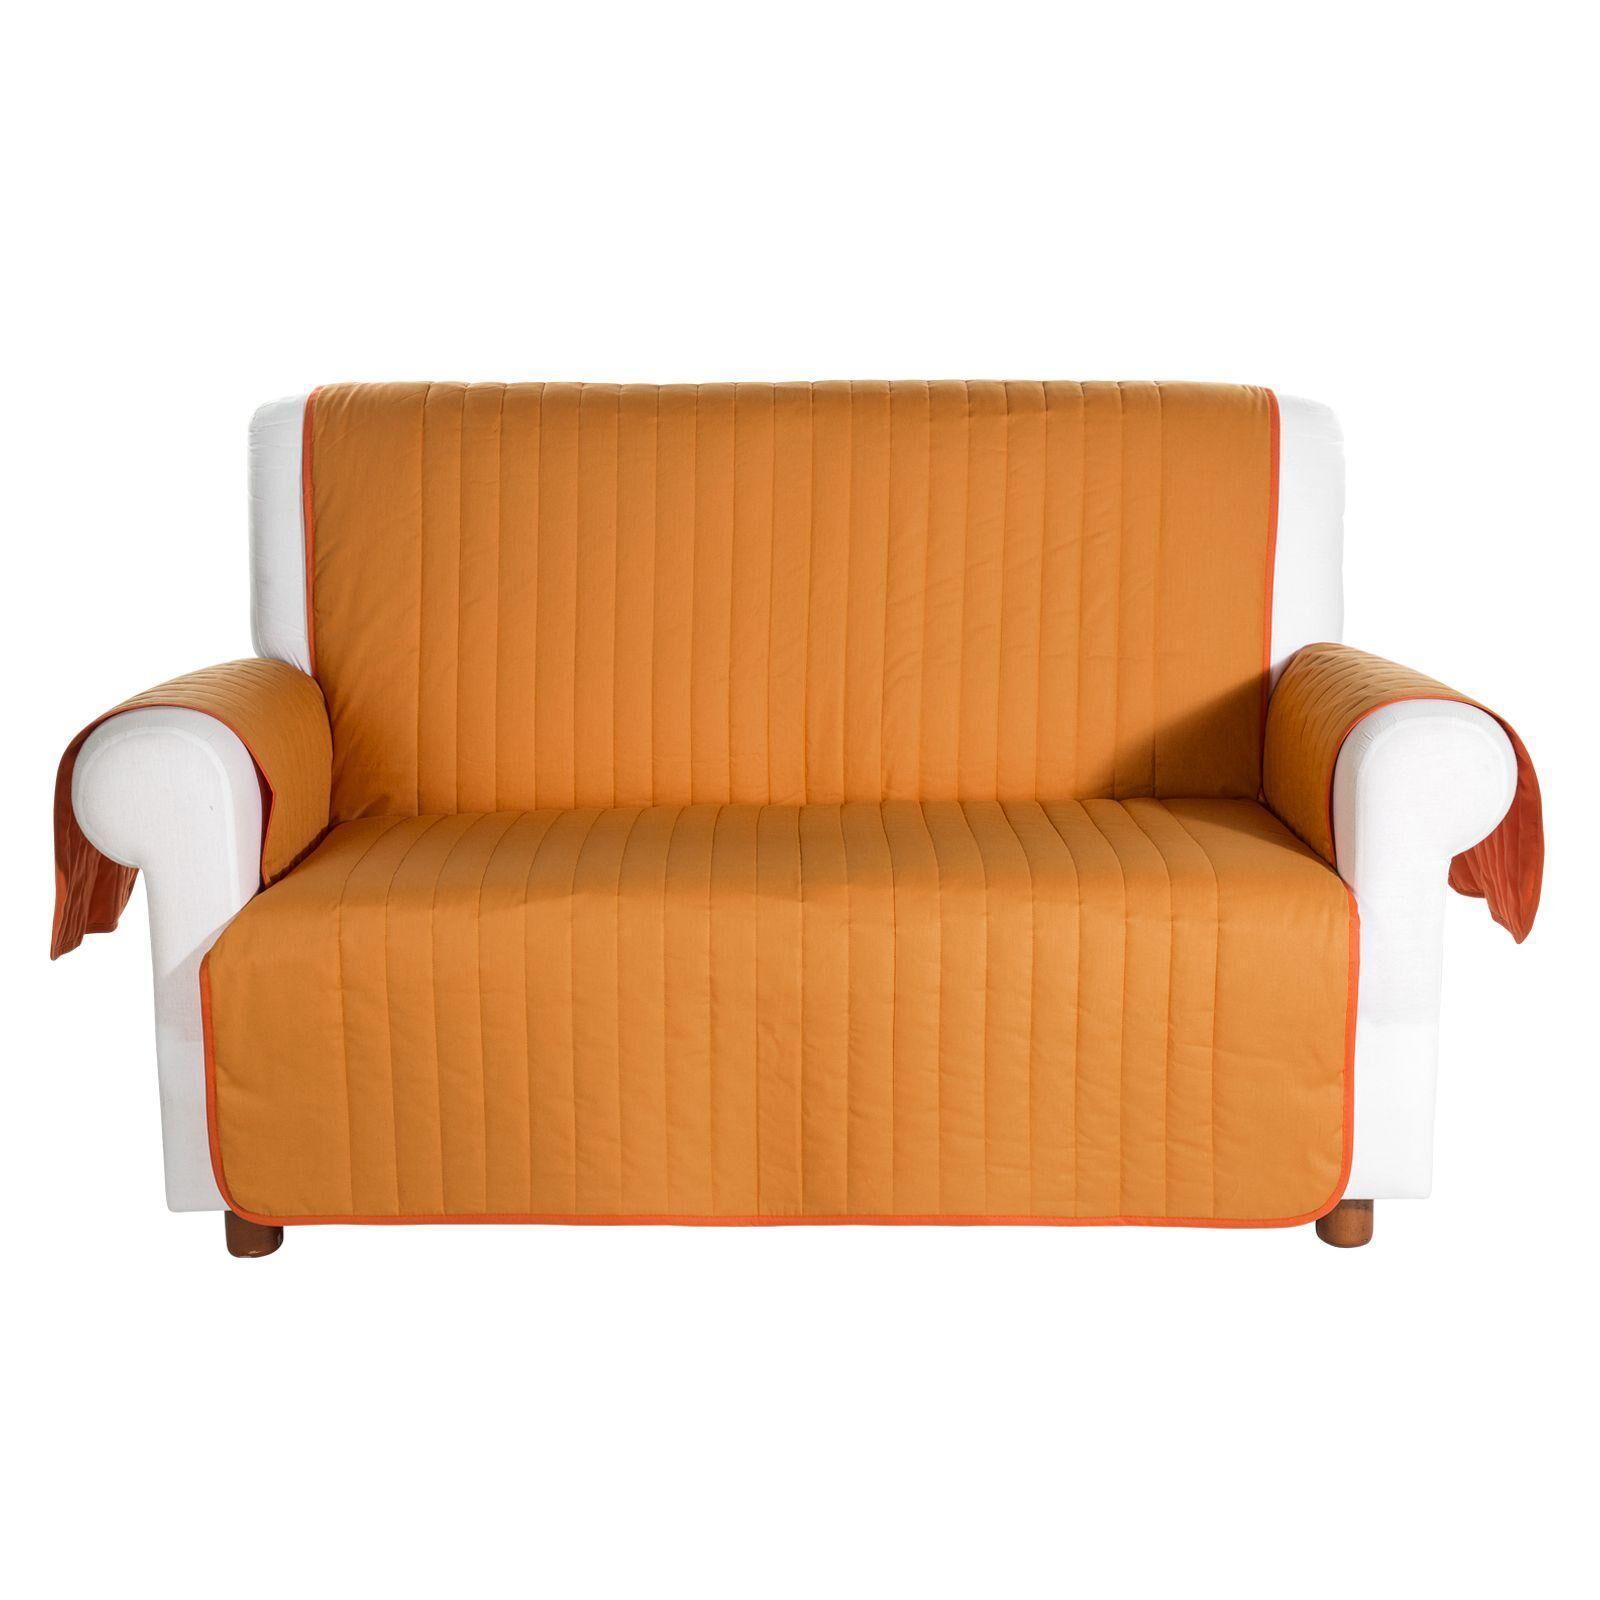 Caleffi Copridivano salvadivano trapuntato Caleffi Bicolor in cotone- 2 posti arancio